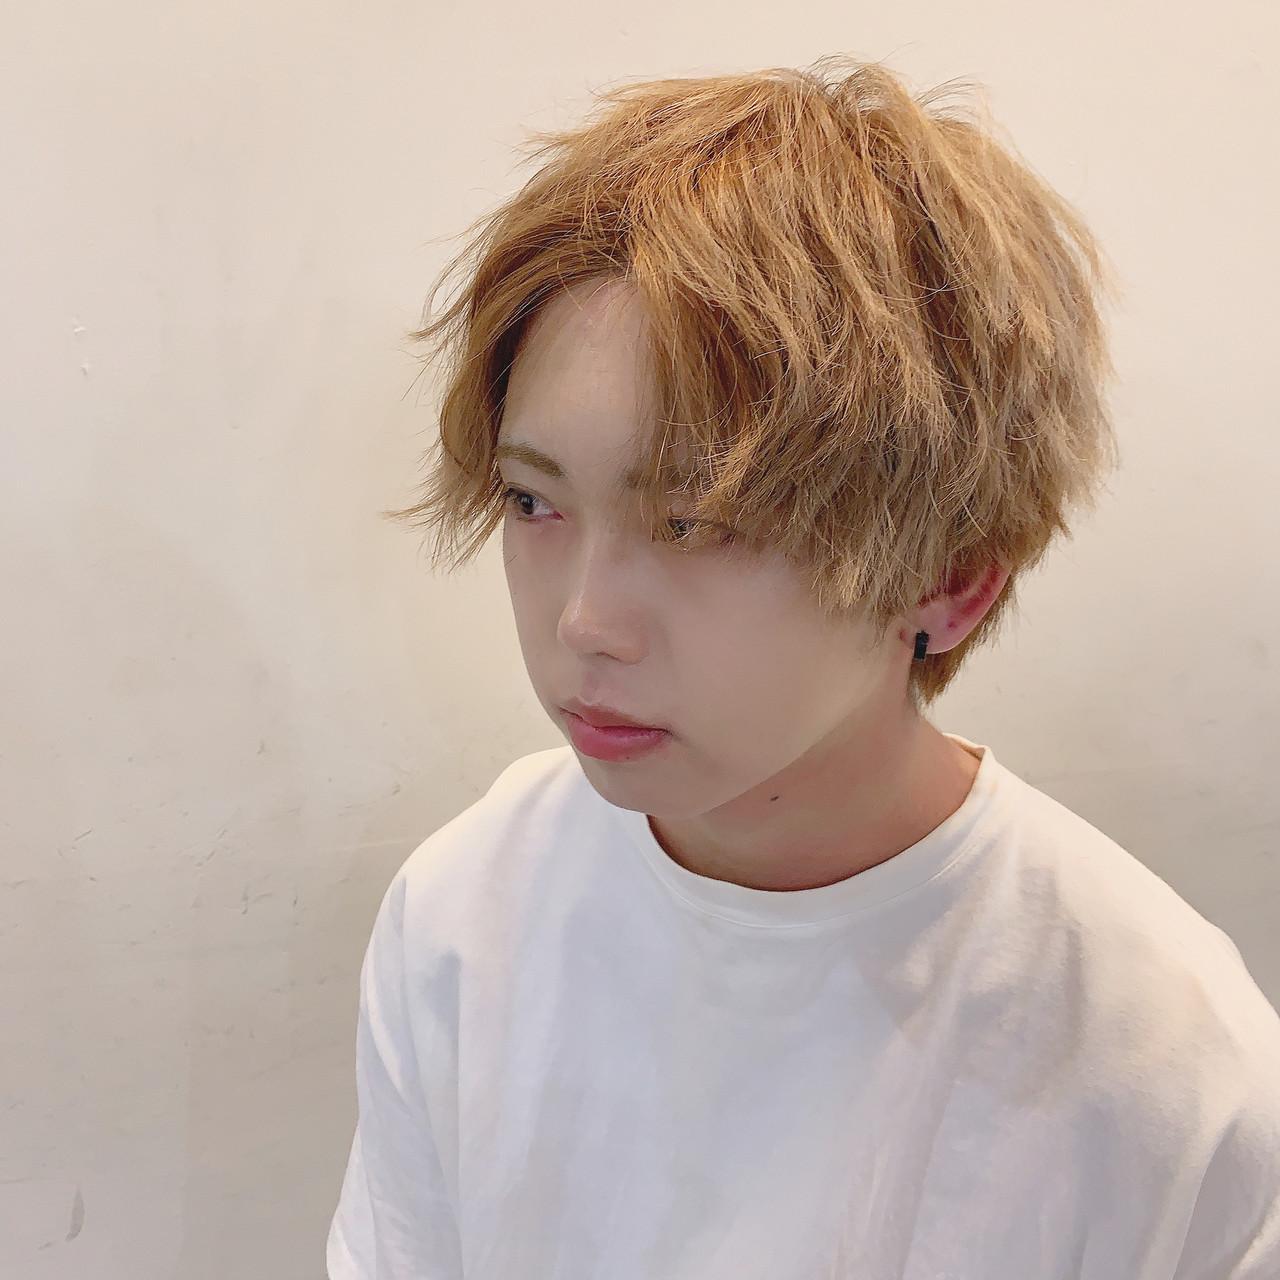 スパイラルパーマ メンズマッシュ メンズカット メンズパーマ ヘアスタイルや髪型の写真・画像